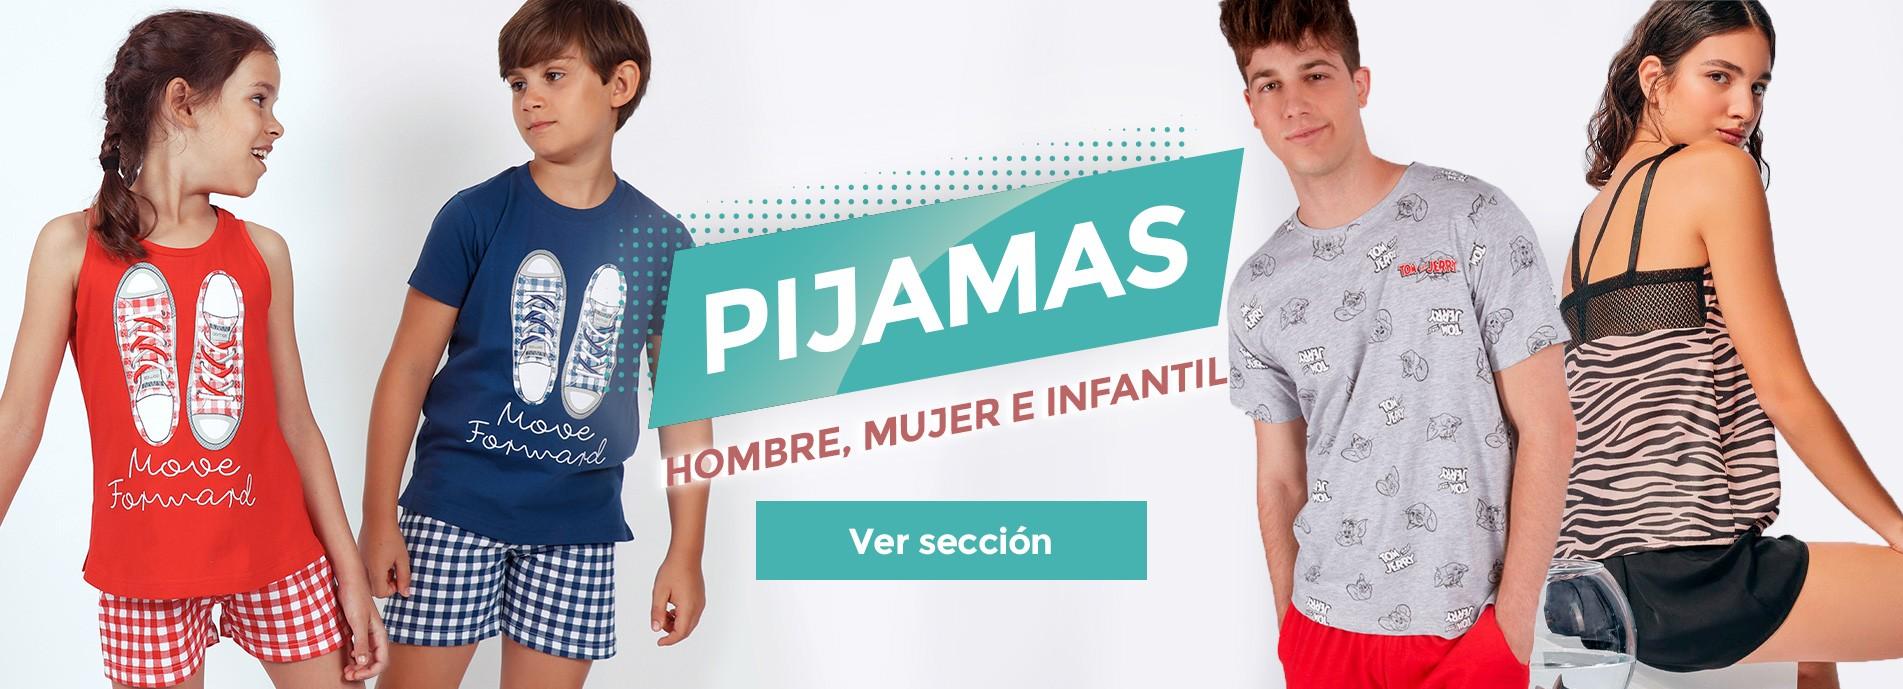 Pijamas cortos de hombre, mujer e infantil